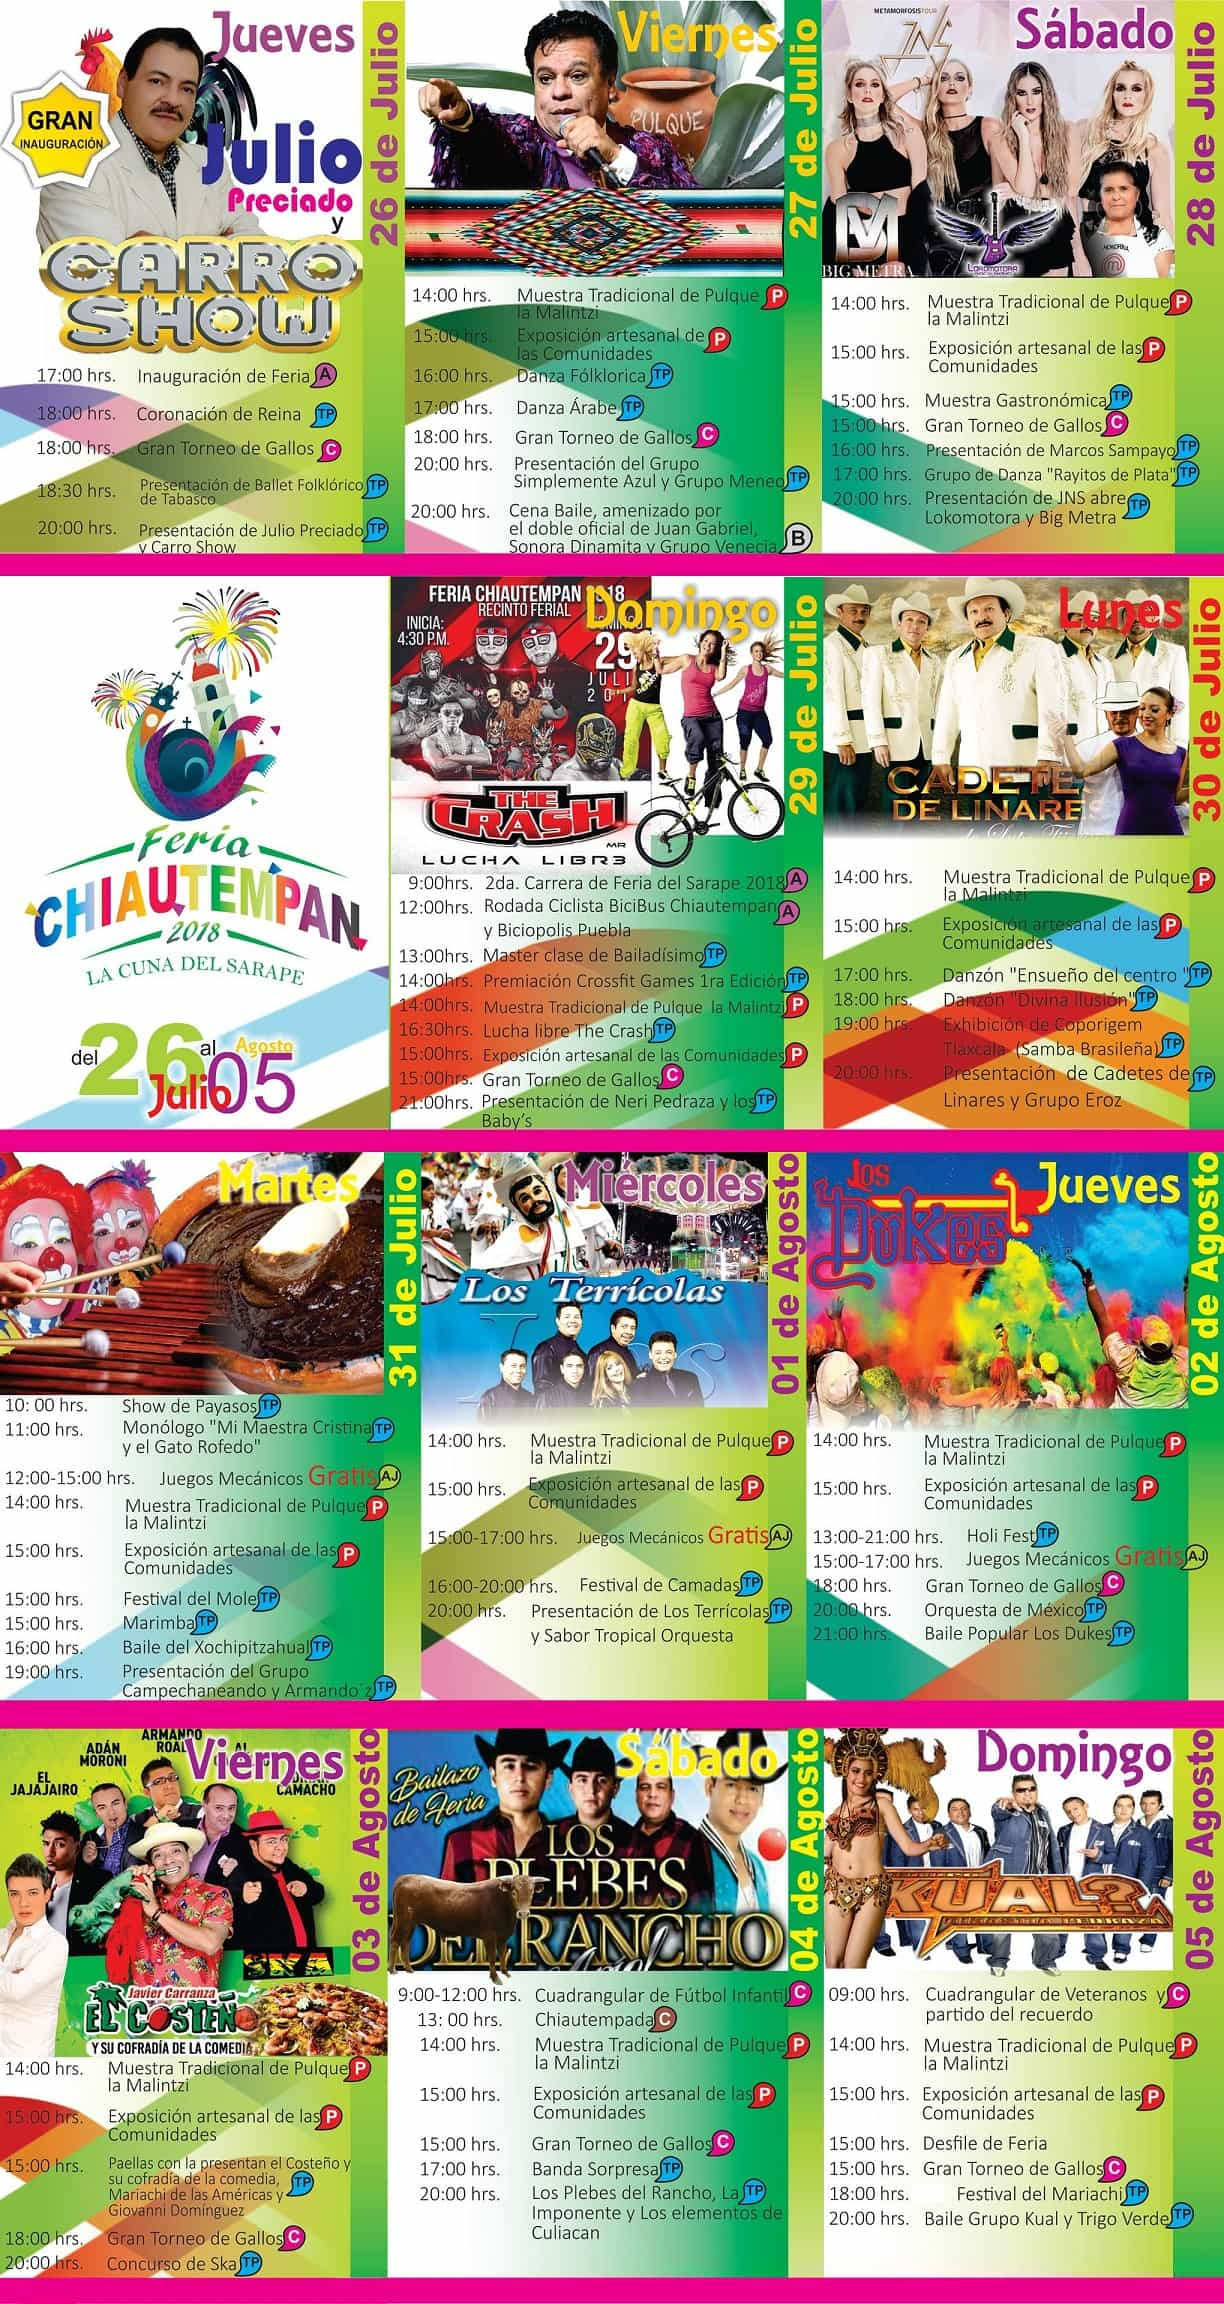 Cartelera Feria Chiautempan 2018